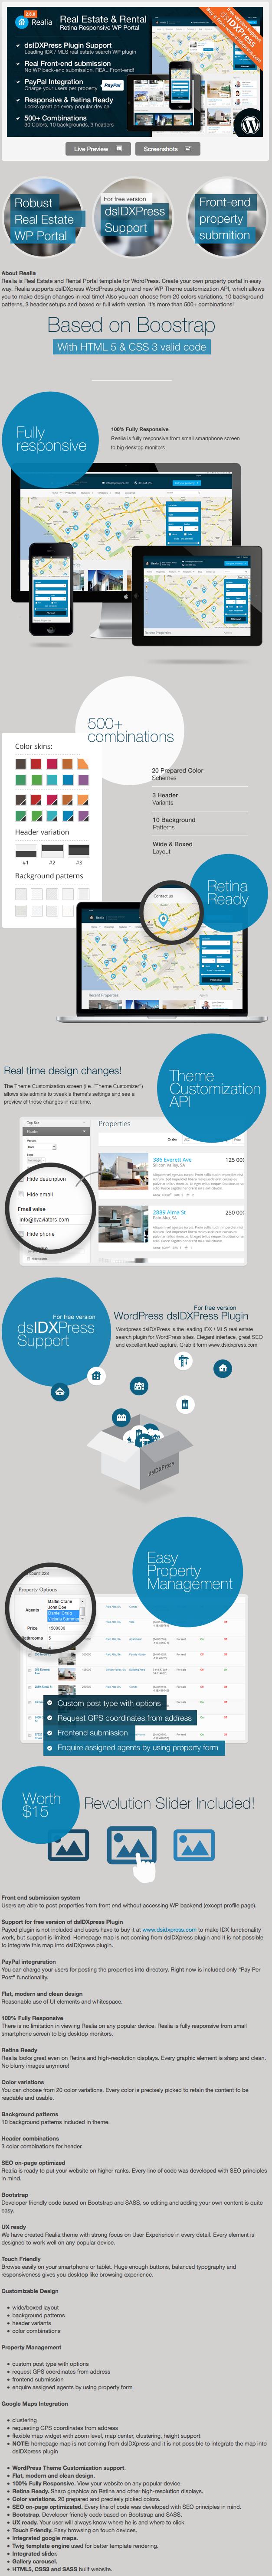 Realia - Responsive Real Estate WordPress Theme2